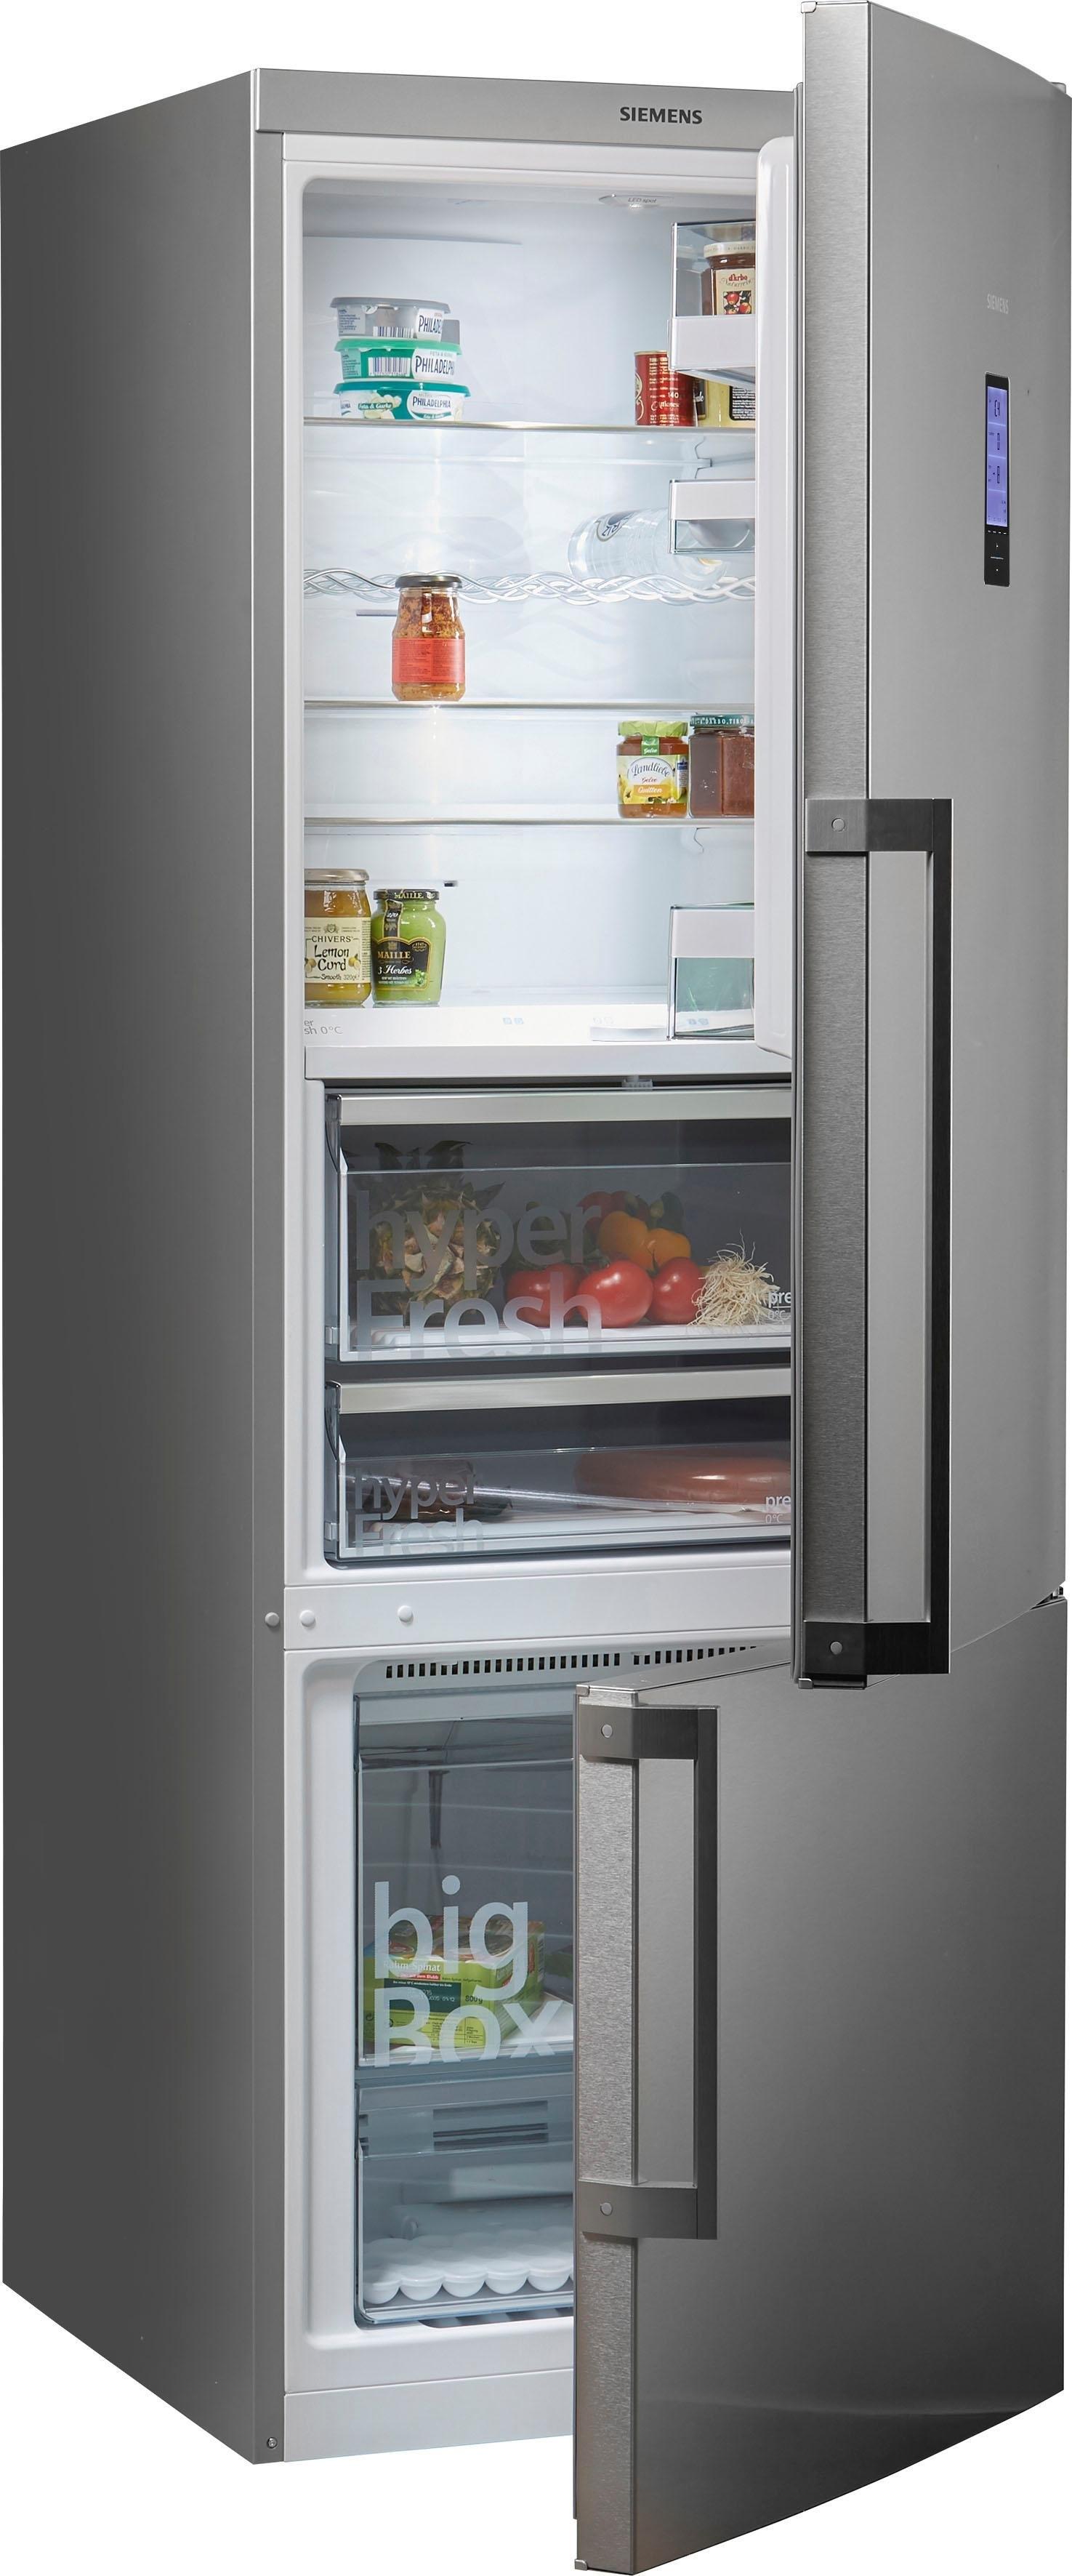 Siemens koel-vriescombinatie KG56FHB40, A+++, 193 cm hoog, No Frost goedkoop op otto.nl kopen